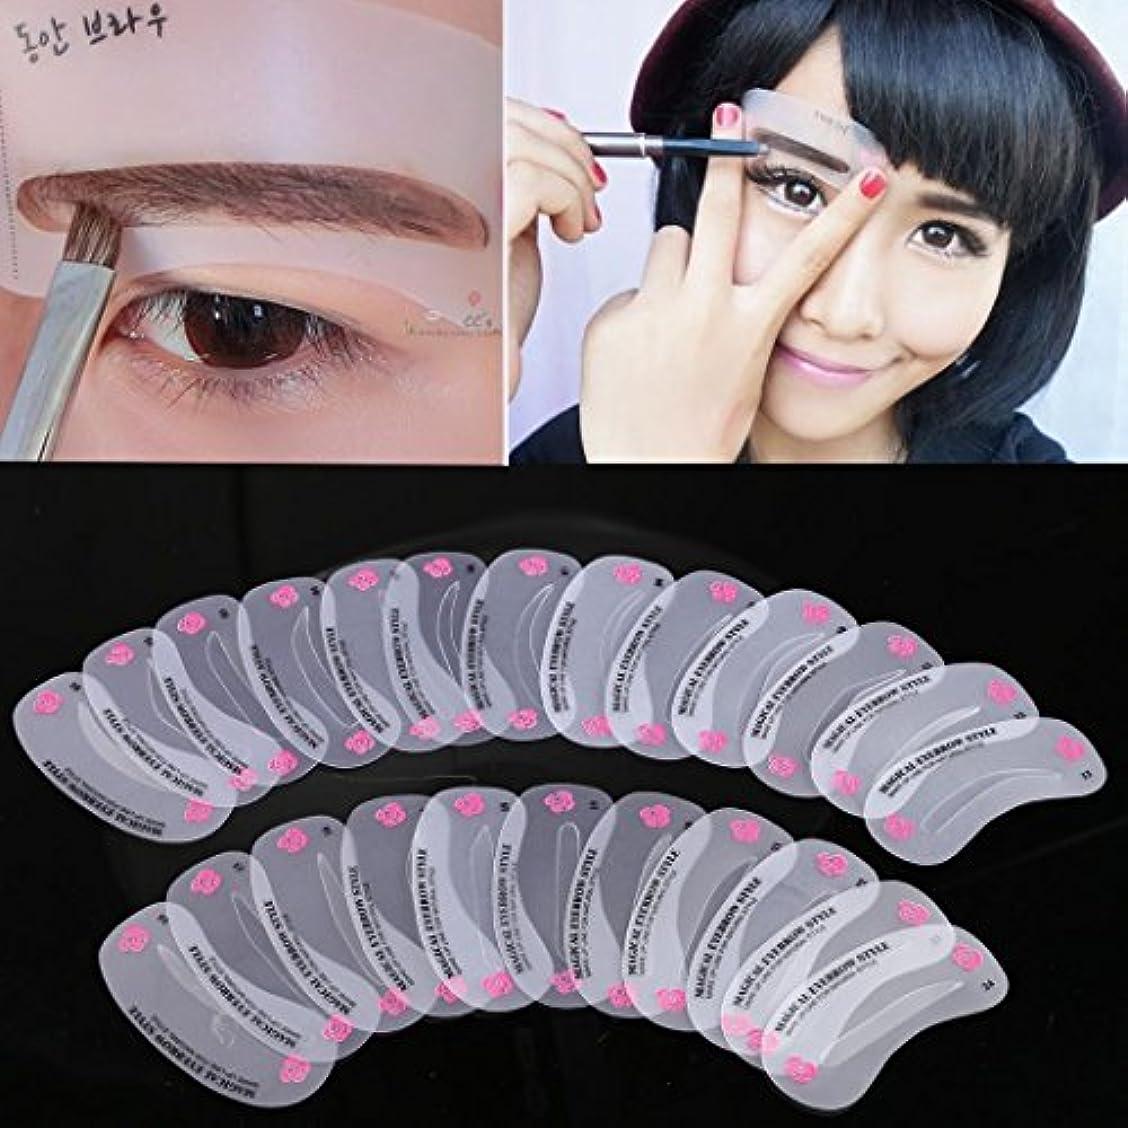 評決明快妻24のスタイル?ステンシル化粧キット眉毛グルーミングセットを形づくっている異なる眉シェーパー